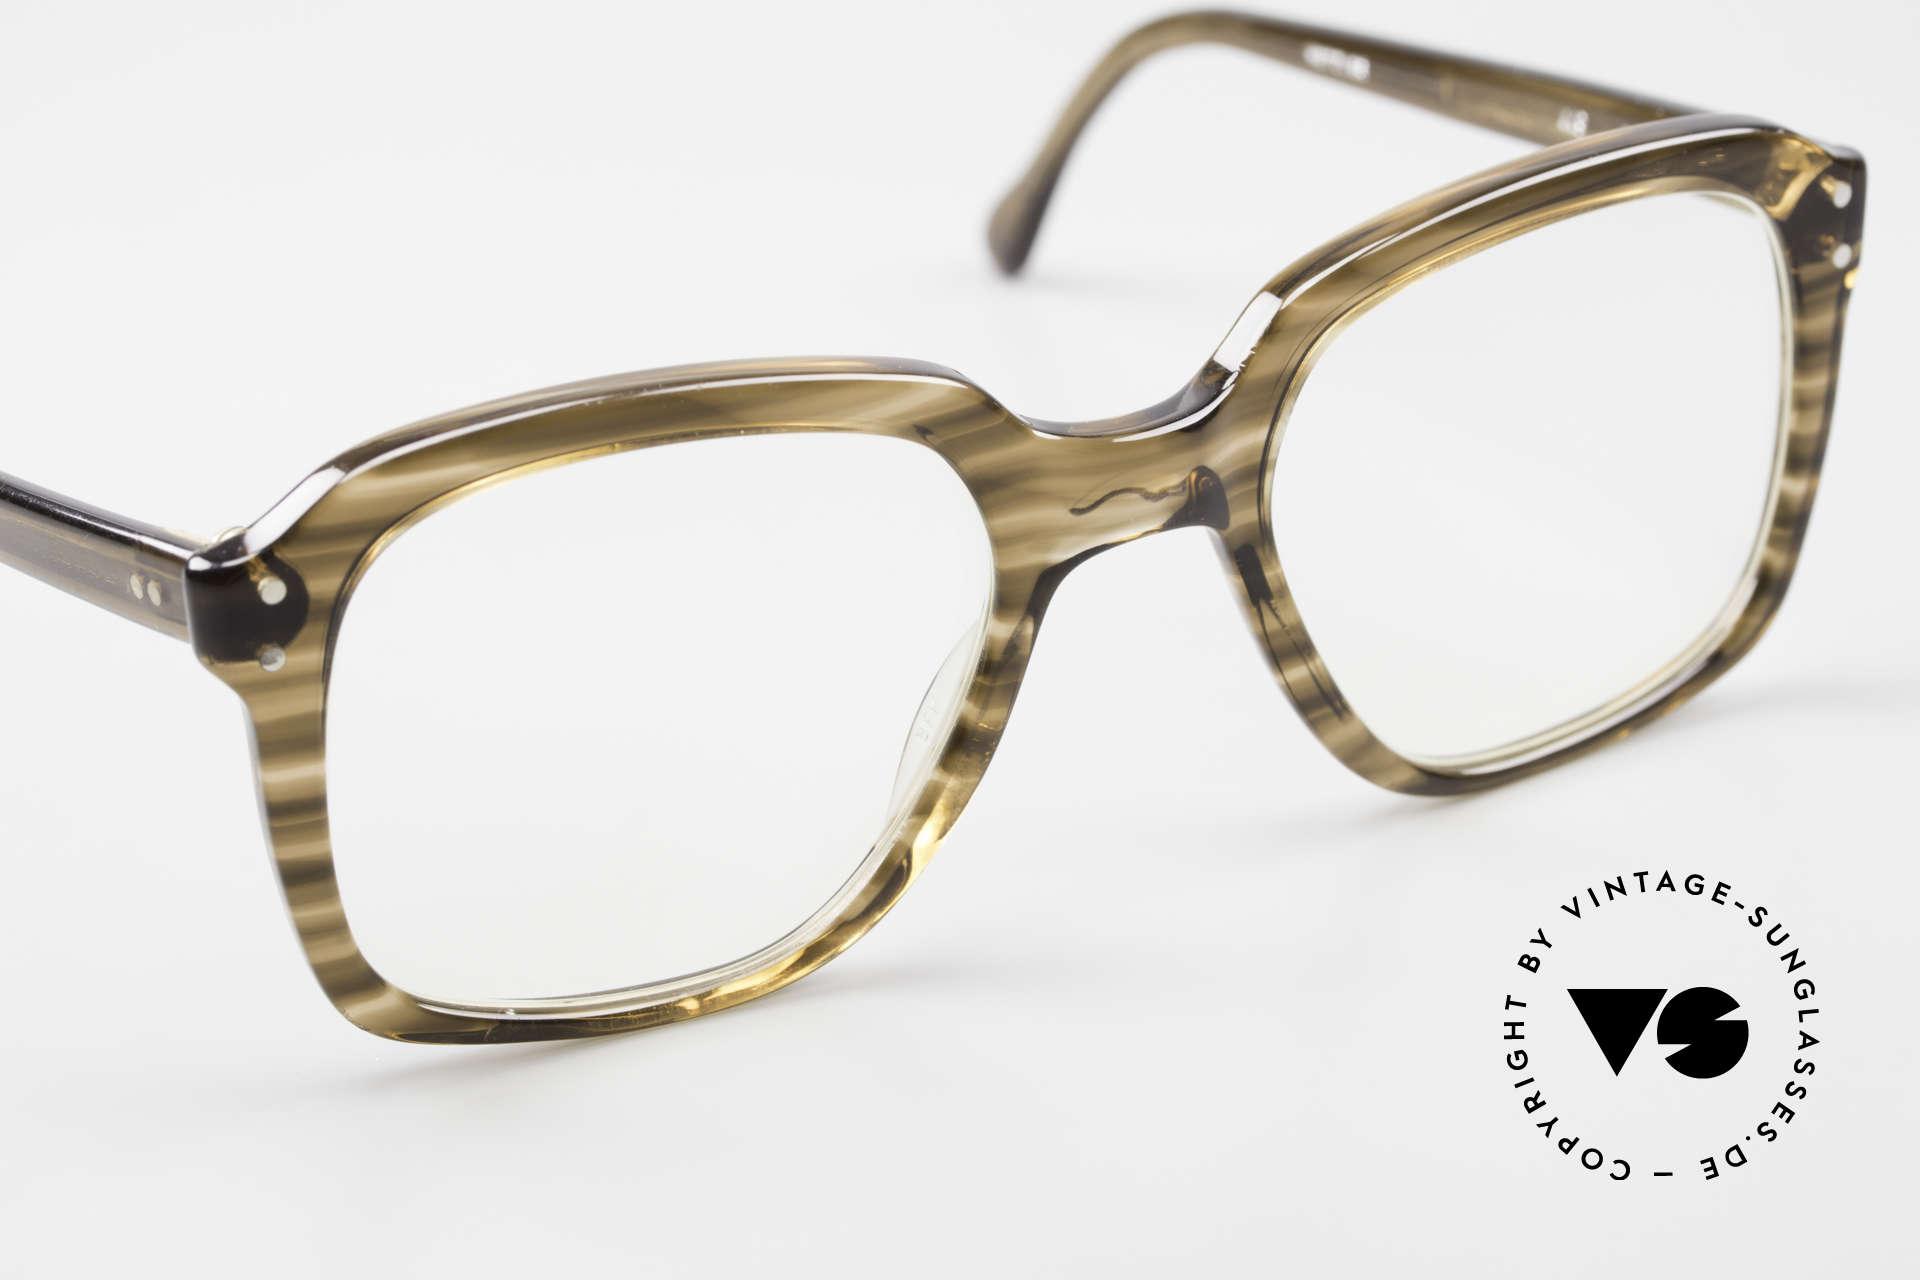 Metzler 449 Old 70's Original Nerd Glasses, the frame is made for lenses of any kind (optical / sun), Made for Men